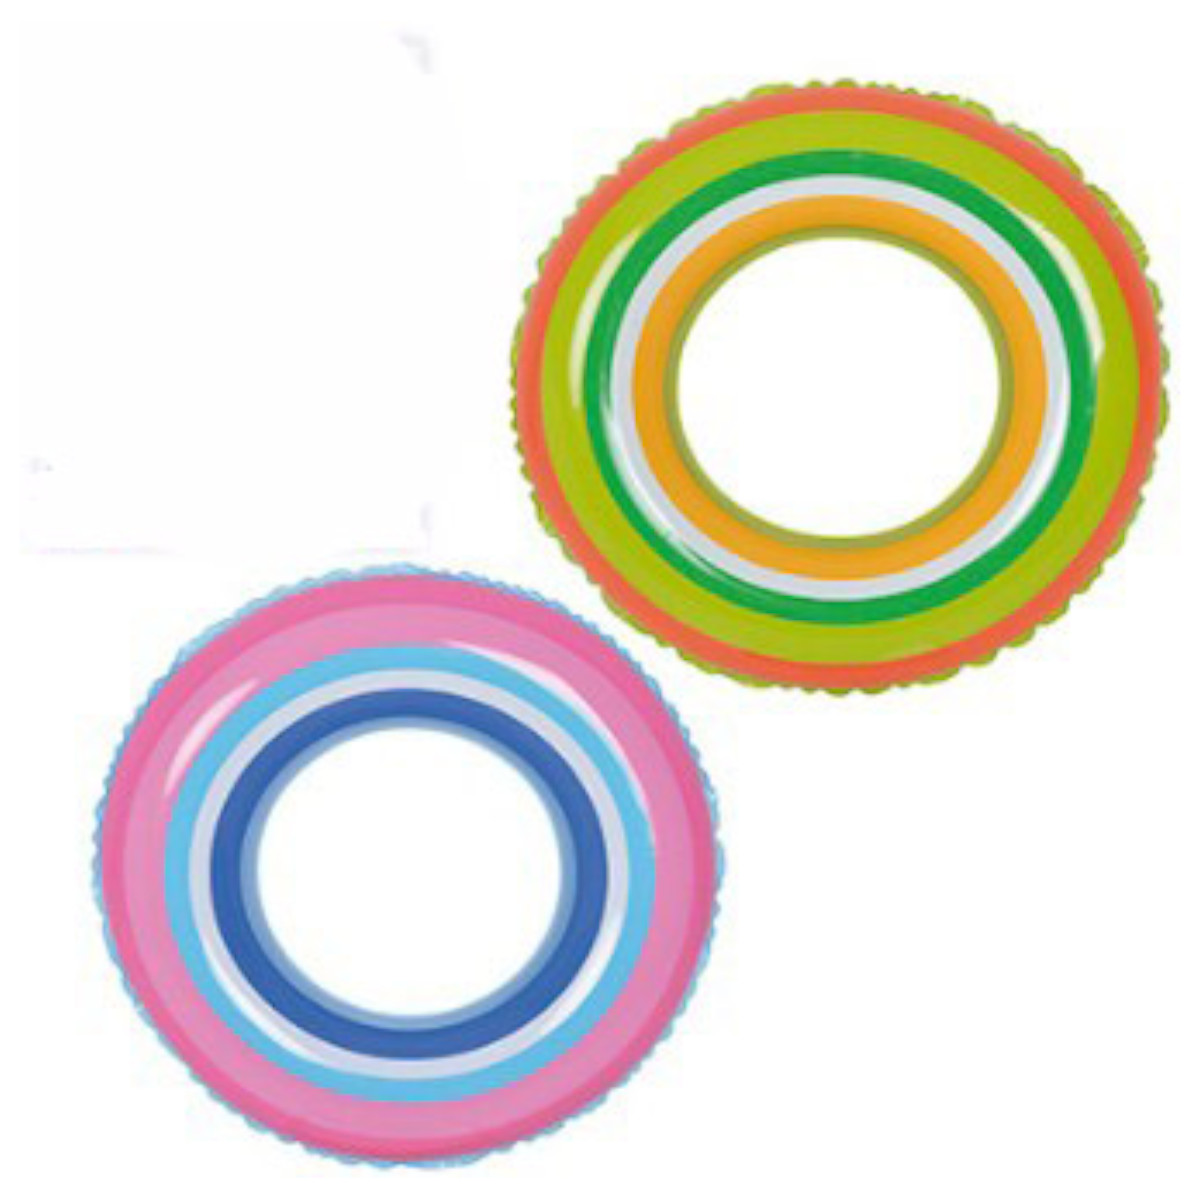 Boia inflável colorida